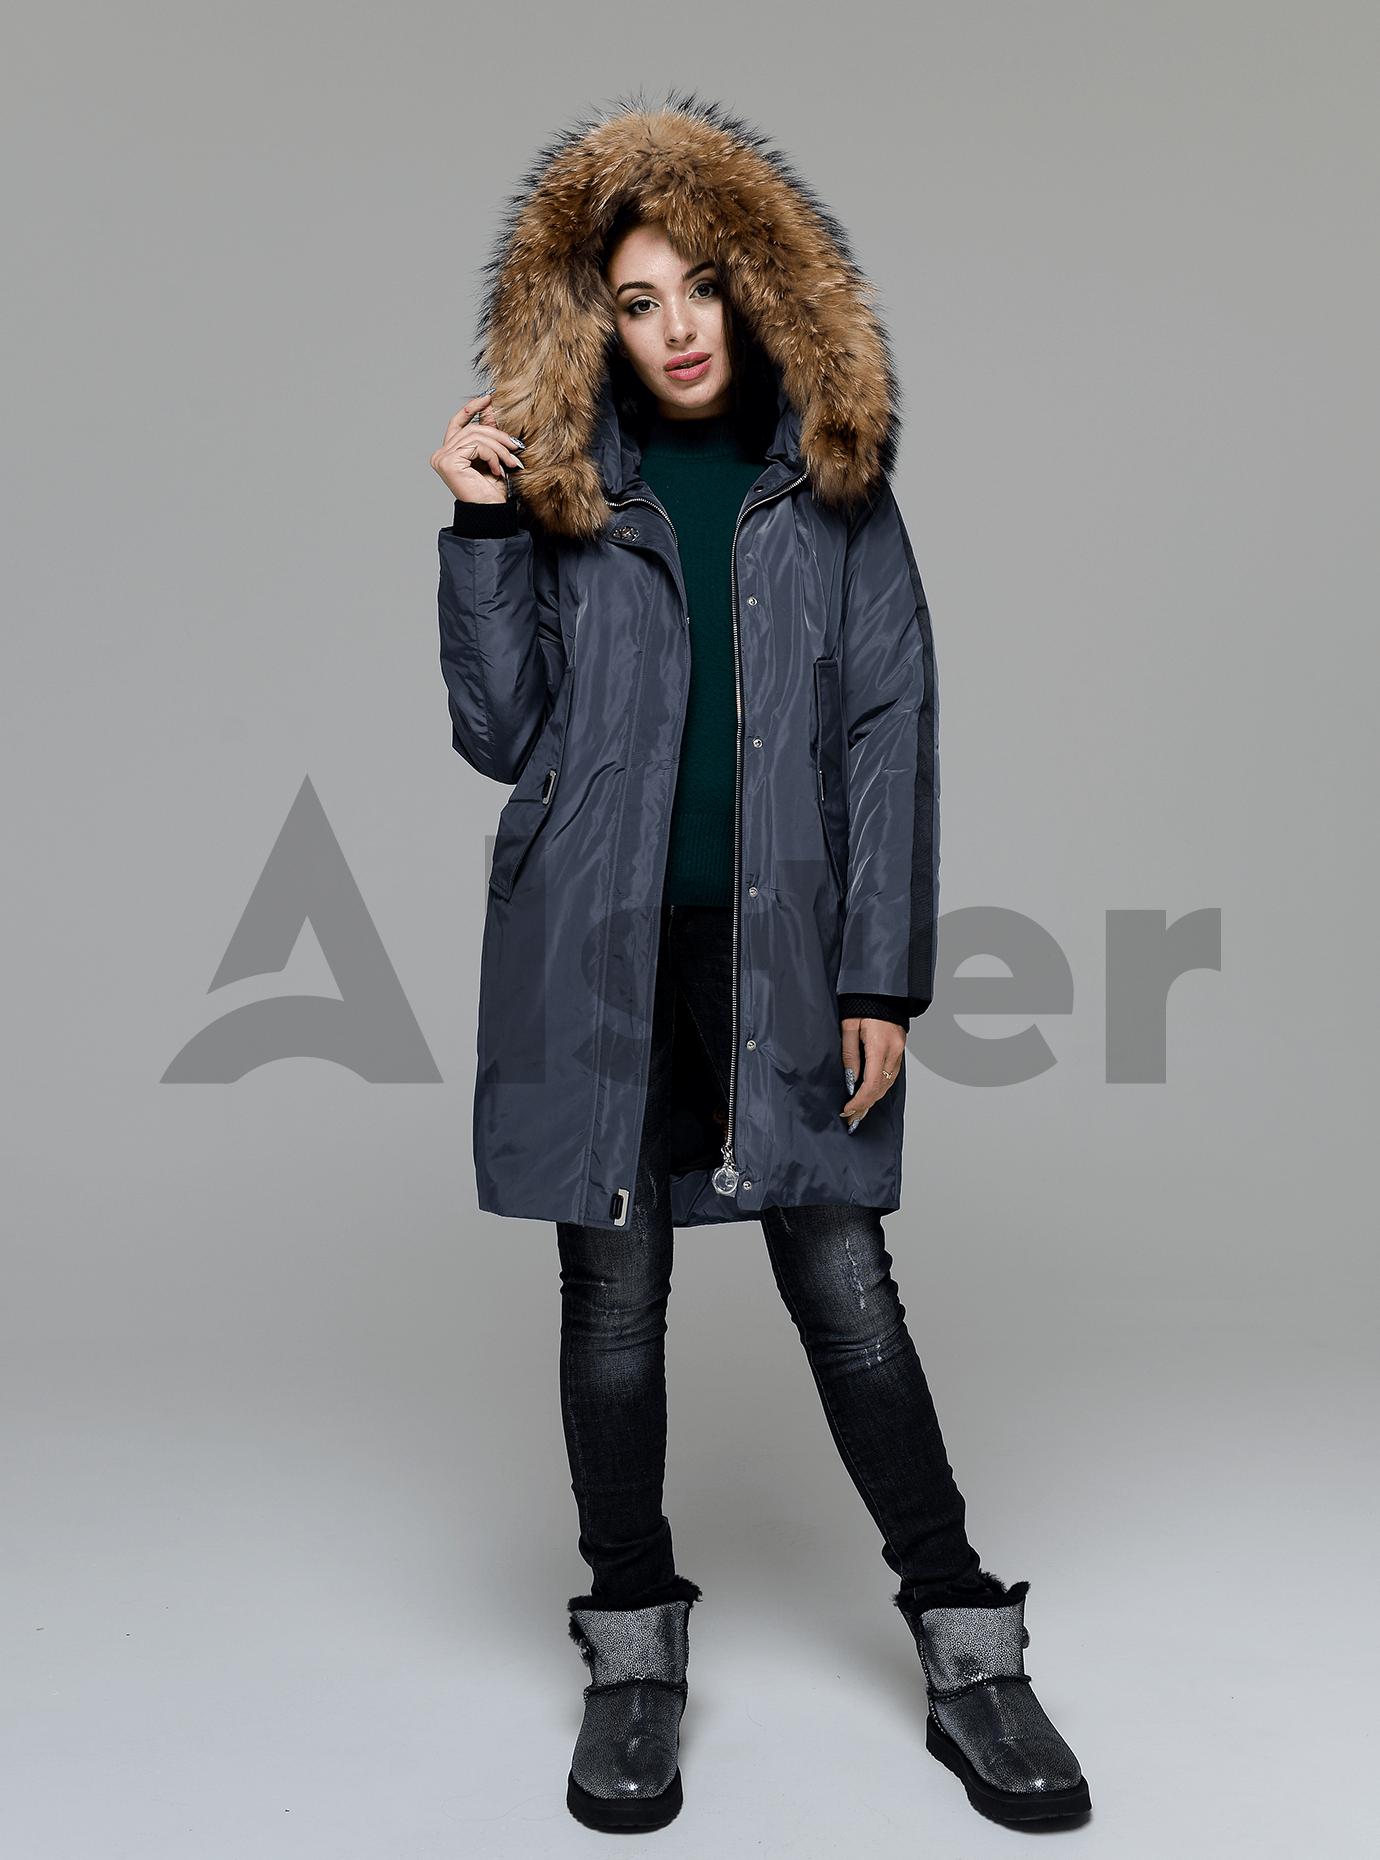 Куртка зимняя длинная со вставкой из меха енота Графитовый M (05-V191207): фото - Alster.ua